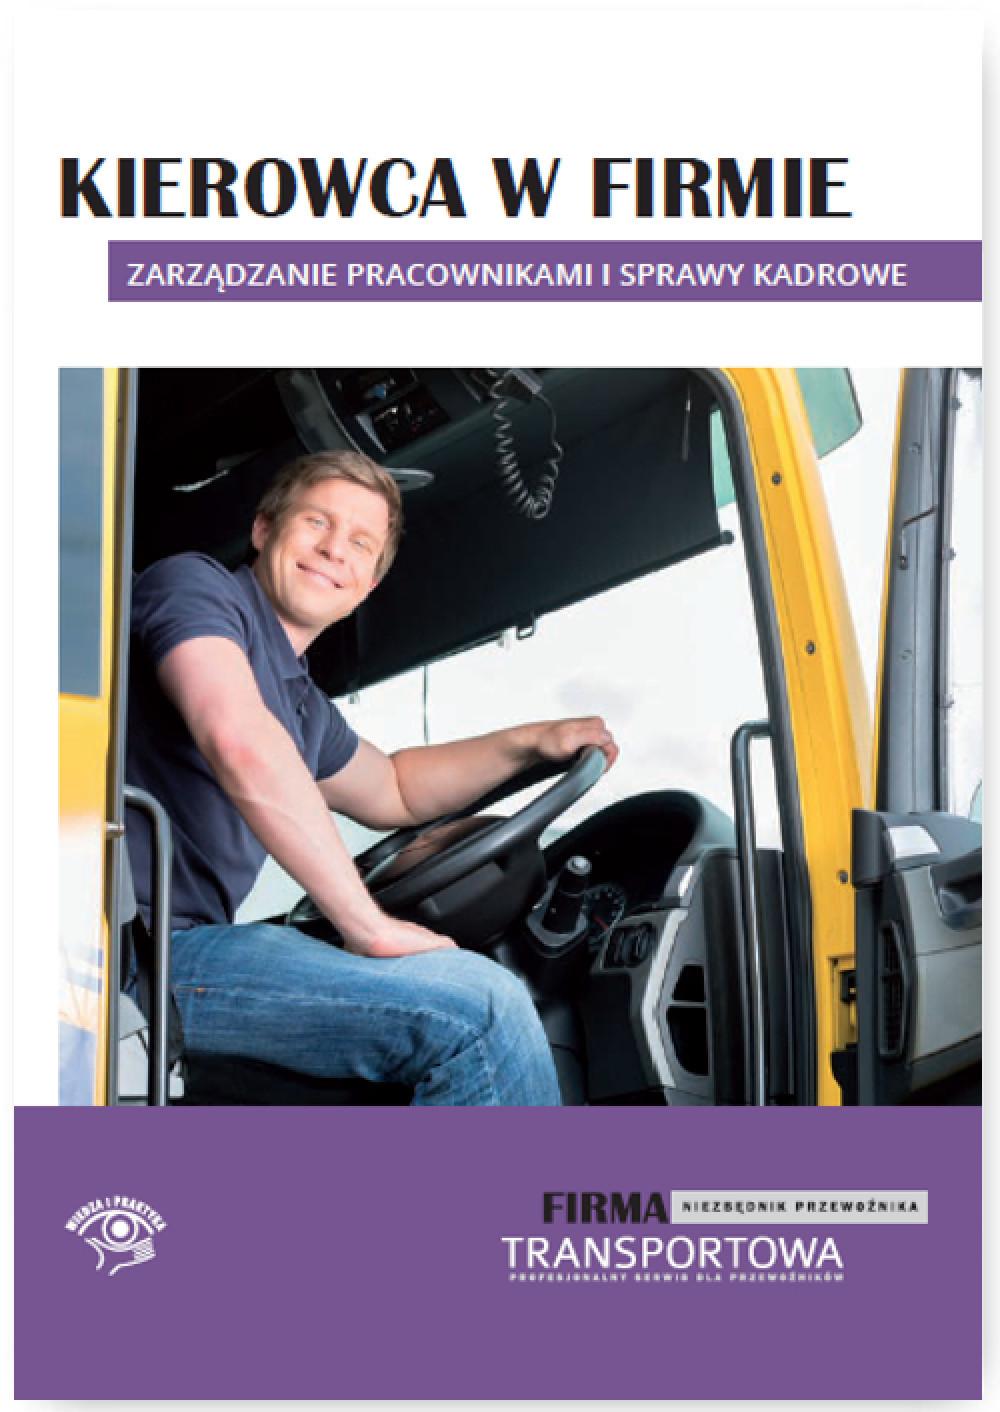 Kierowca w firmie - zarządzanie pracownikami i sprawy kadrowe ebook